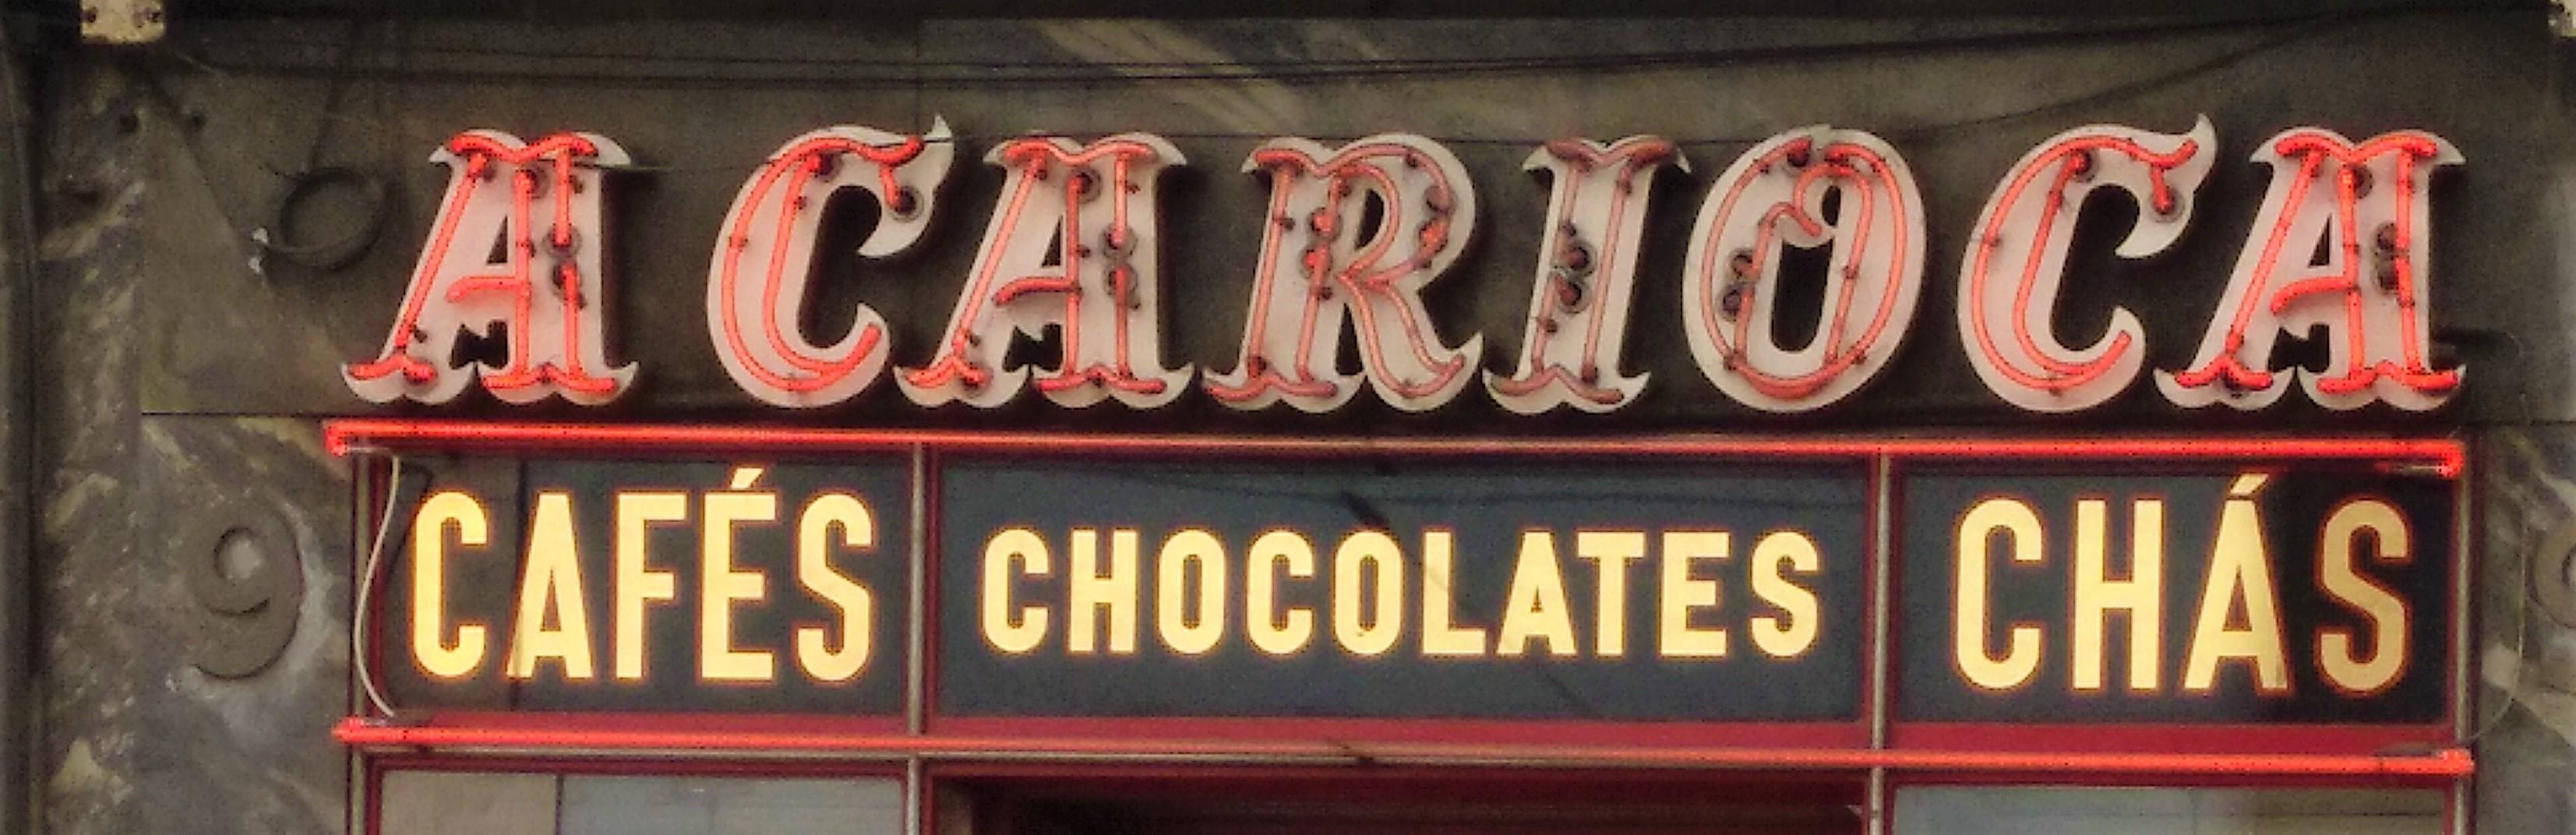 logotipo_tienda_cafe